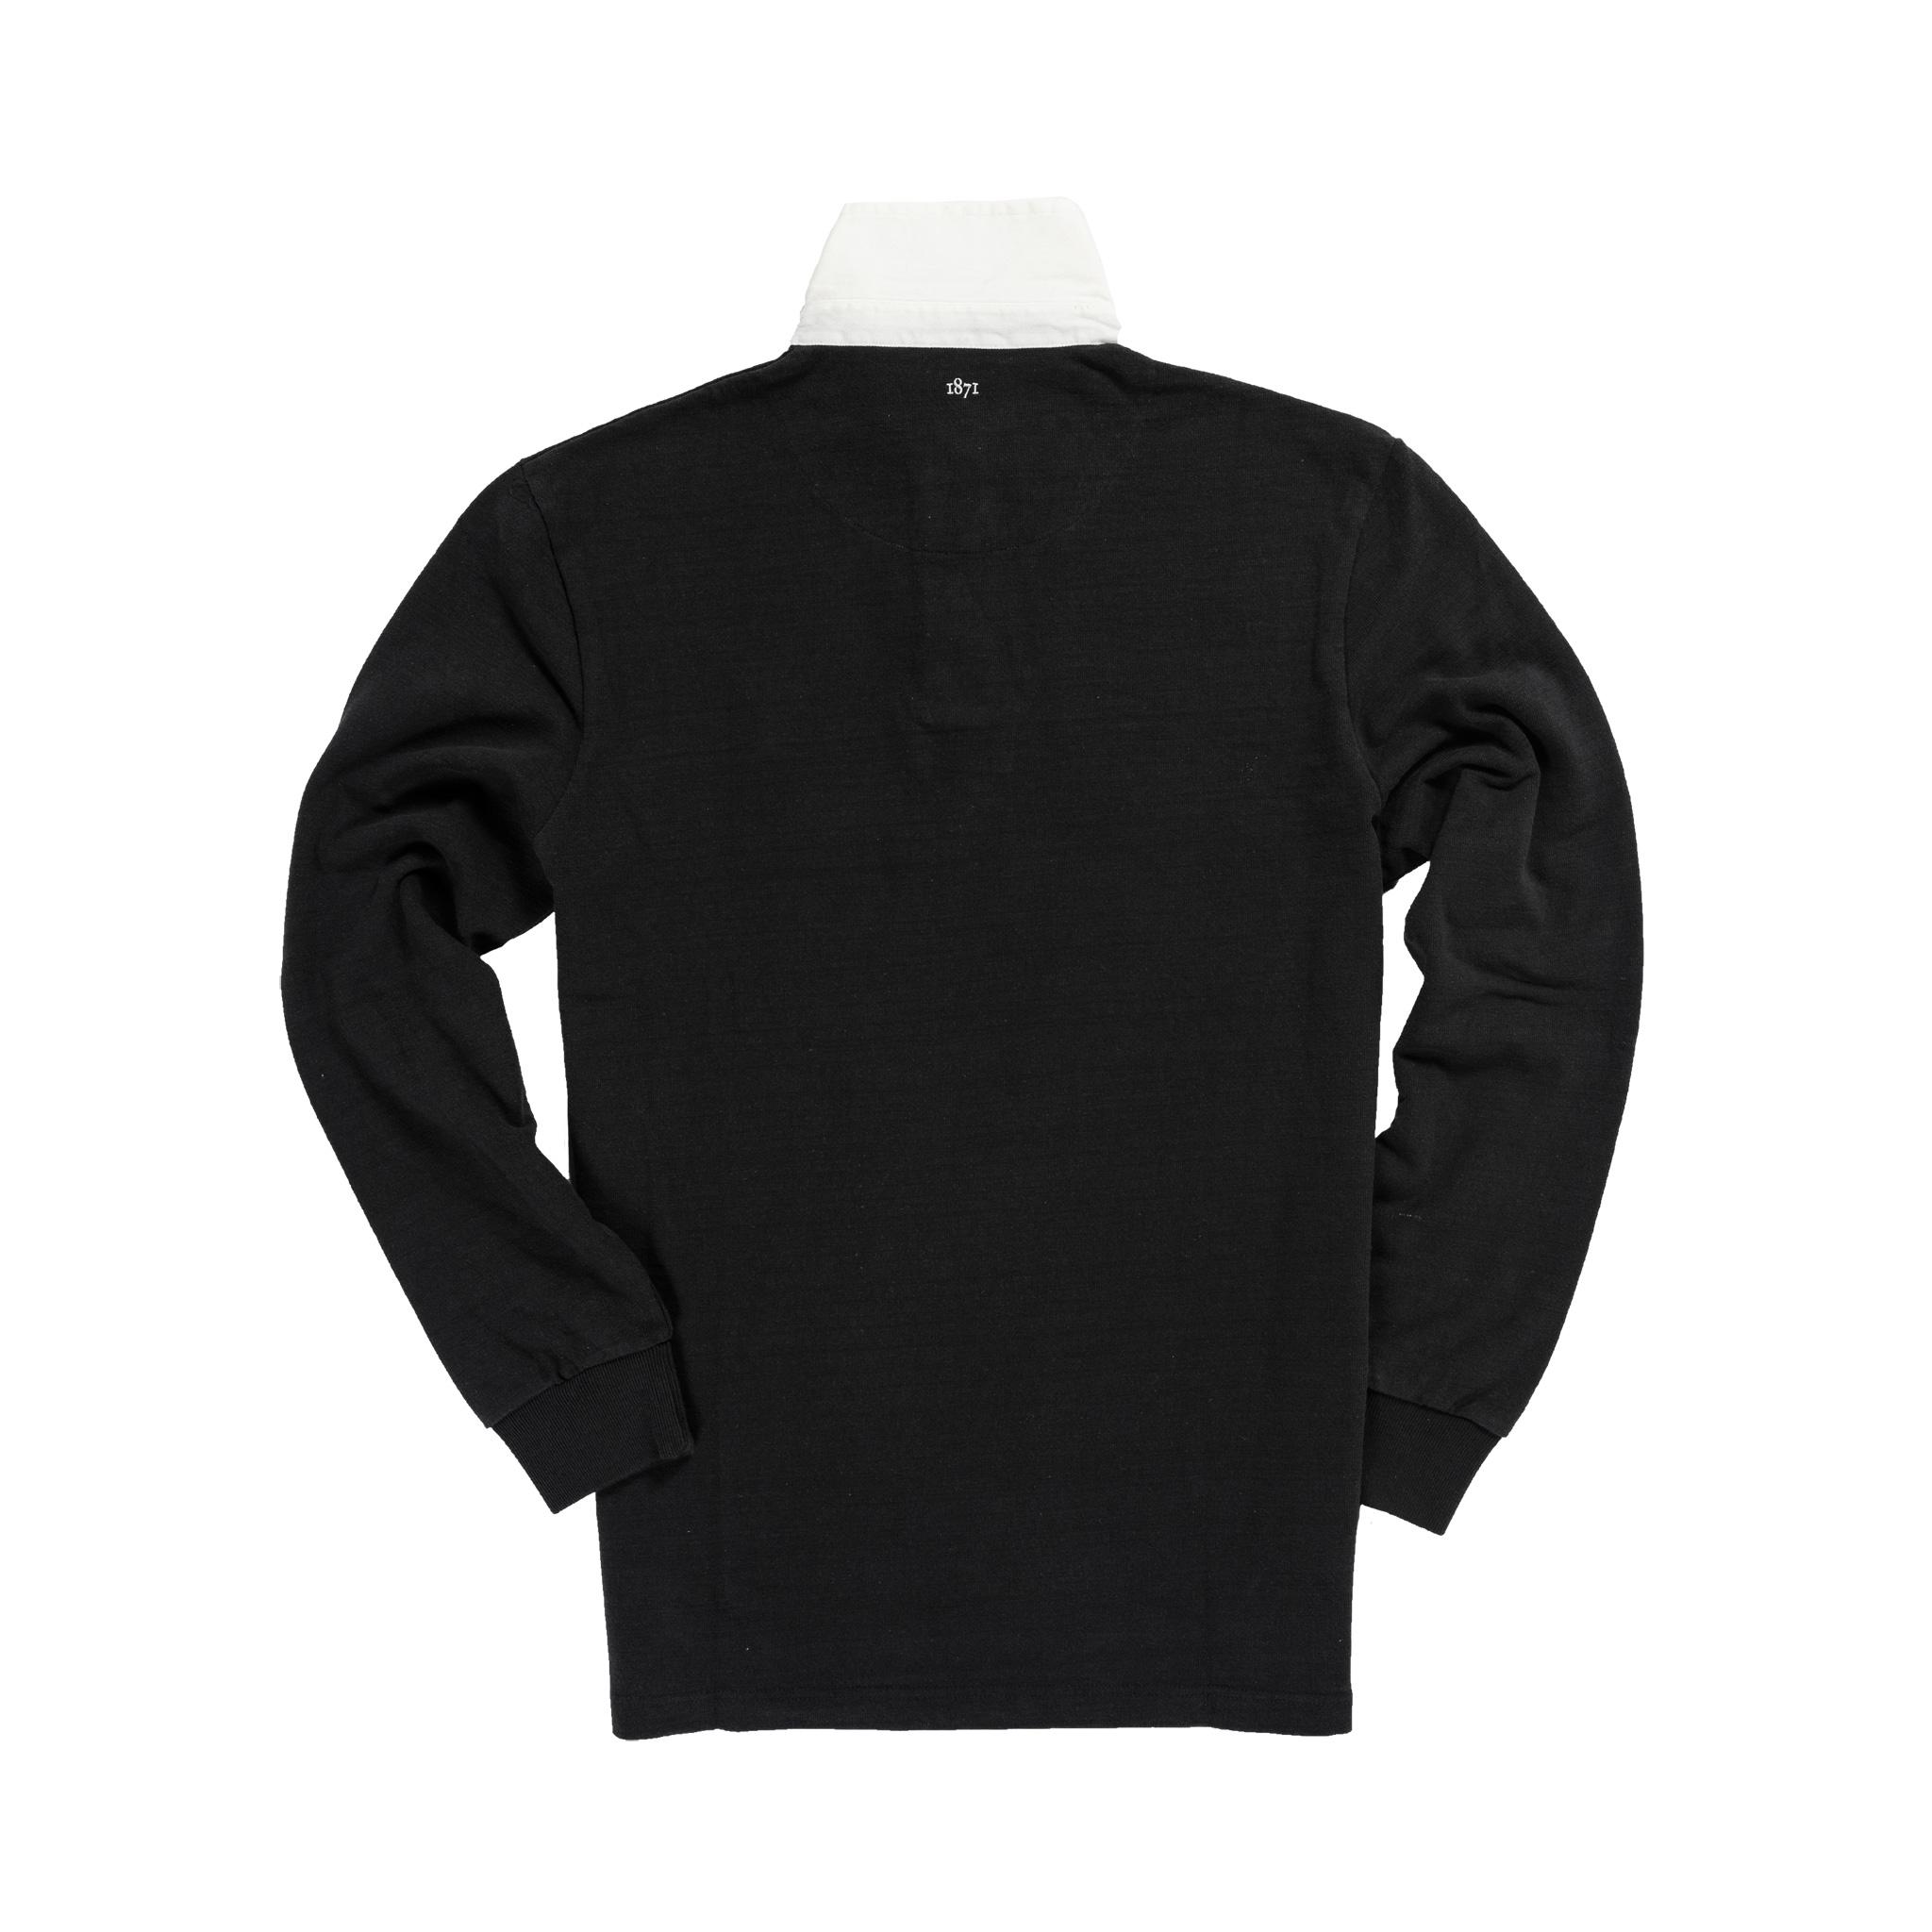 England 1871 Black Vintage Rugby Shirt_Back